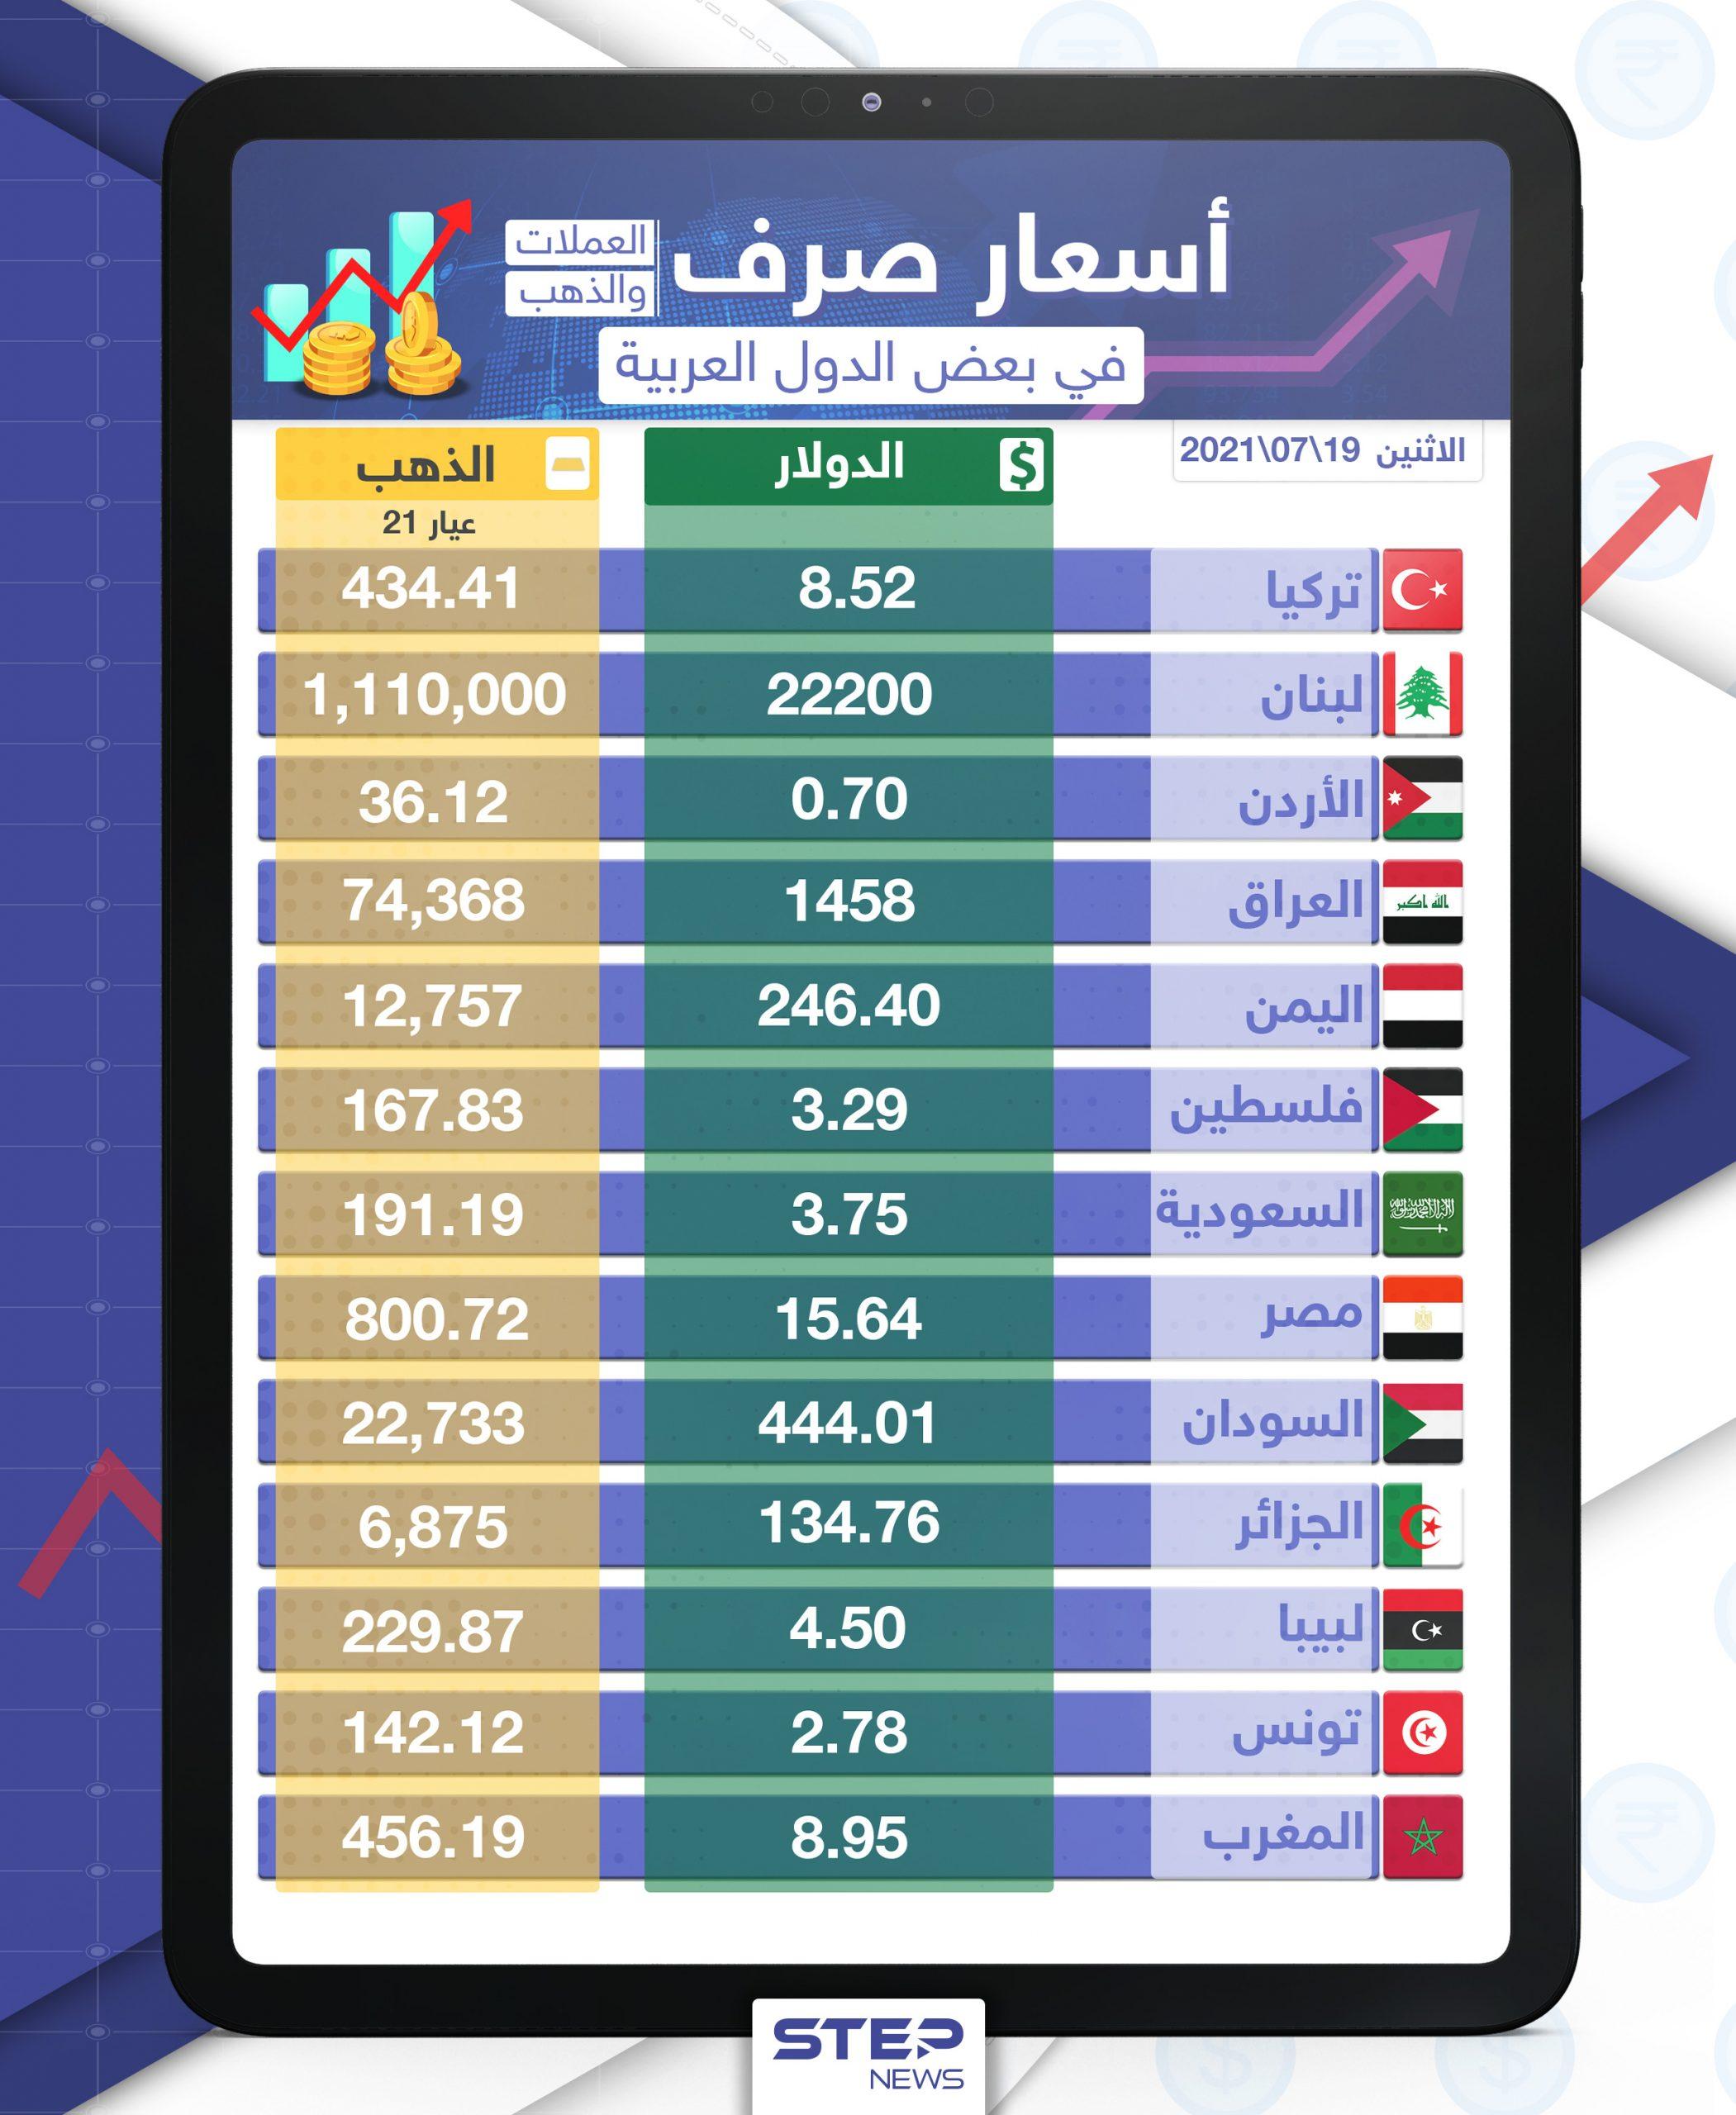 أسعار الذهب والعملات للدول العربية وتركيا اليوم الاثنين الموافق 19 تموز 2021